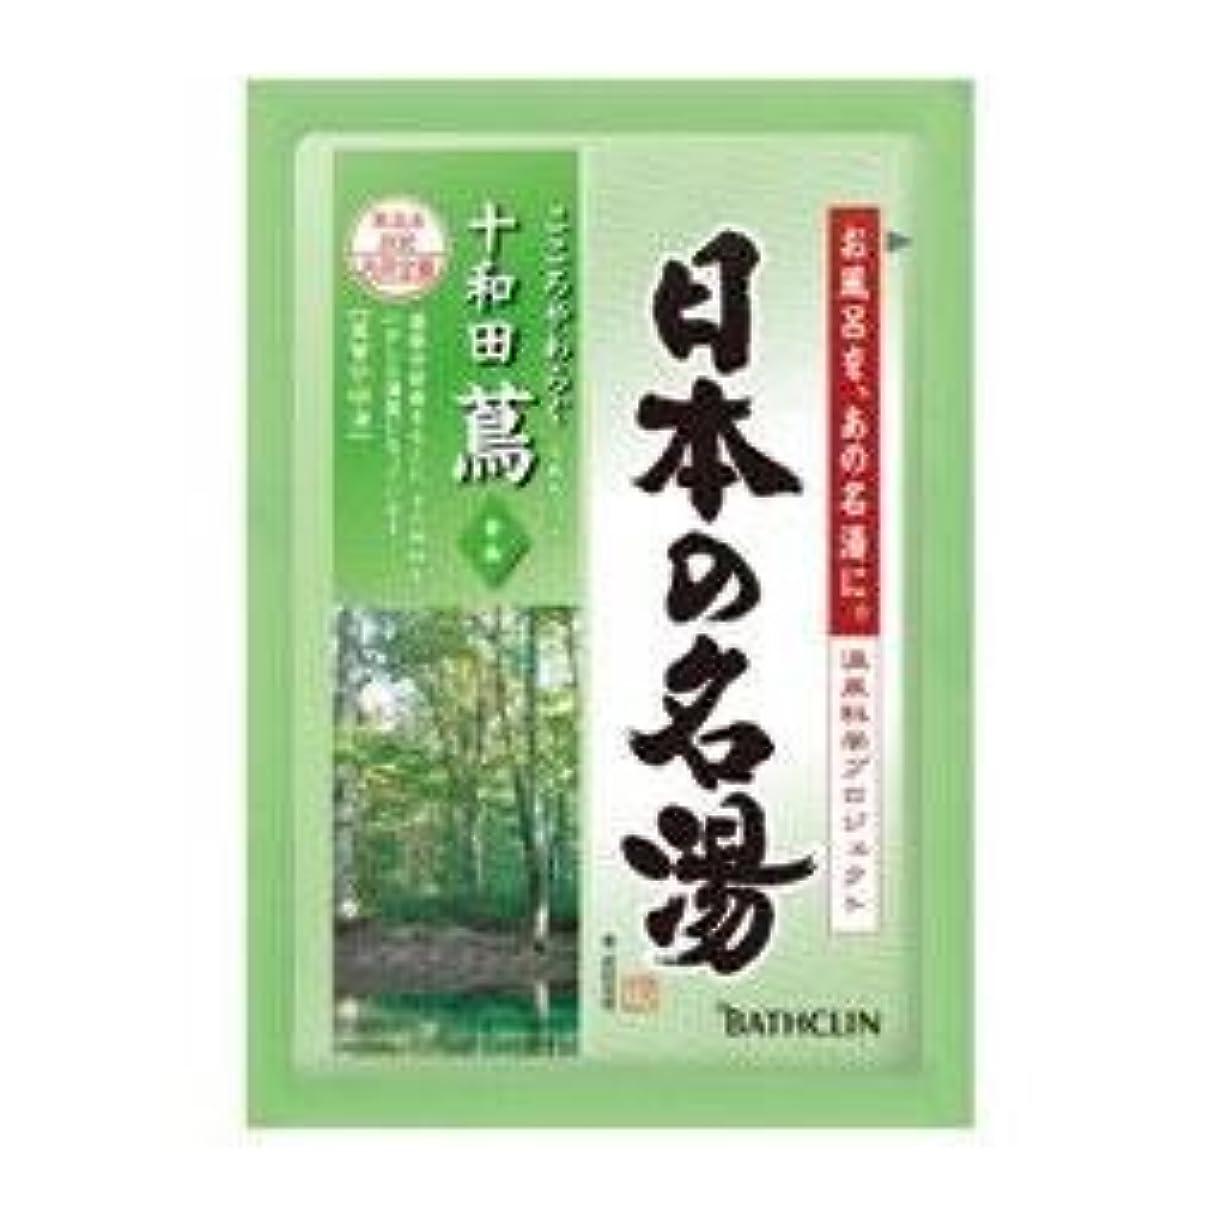 迫害する私適用済みバスクリン 日本の名湯 十和田蔦 1包 医薬部外品×120点セット (4548514135000)